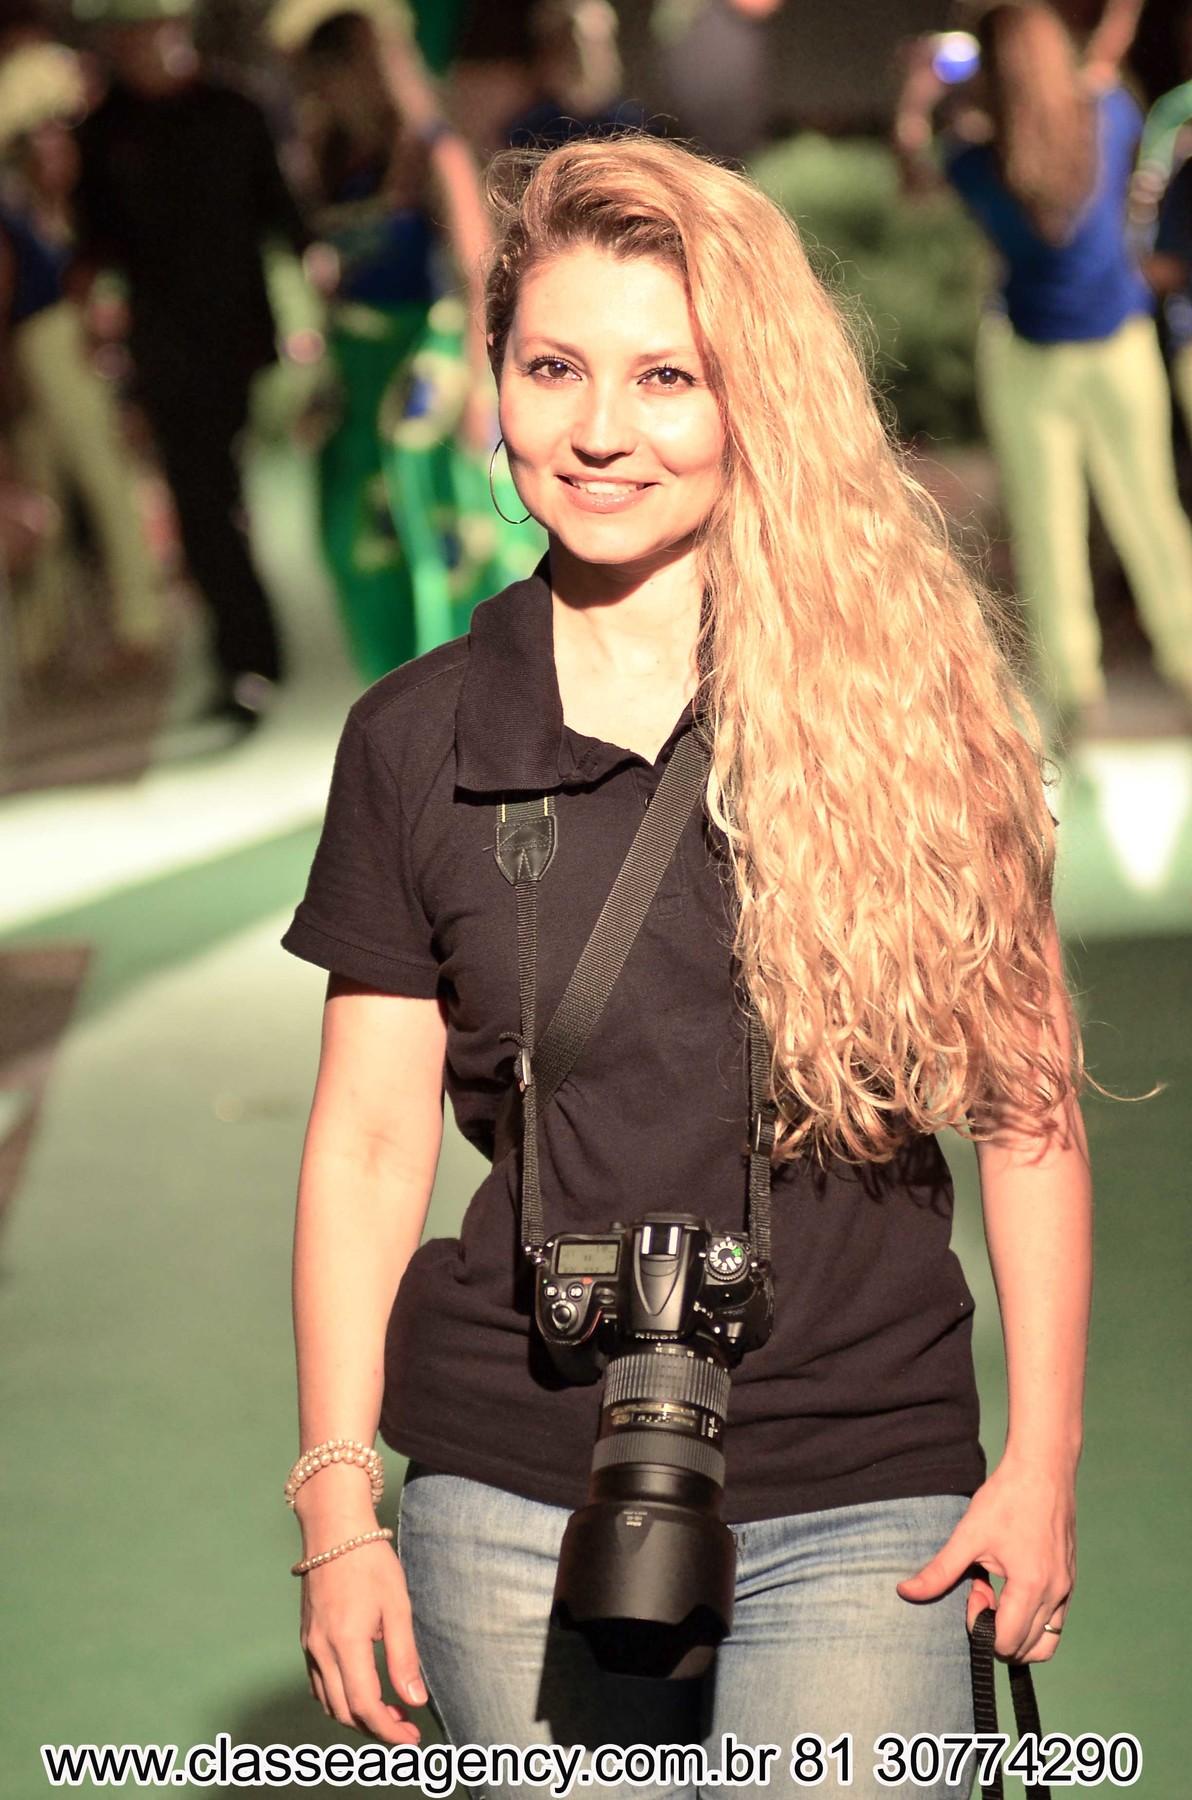 fotografa Fabiana schreiner na Festas das estrelas da Rommanel